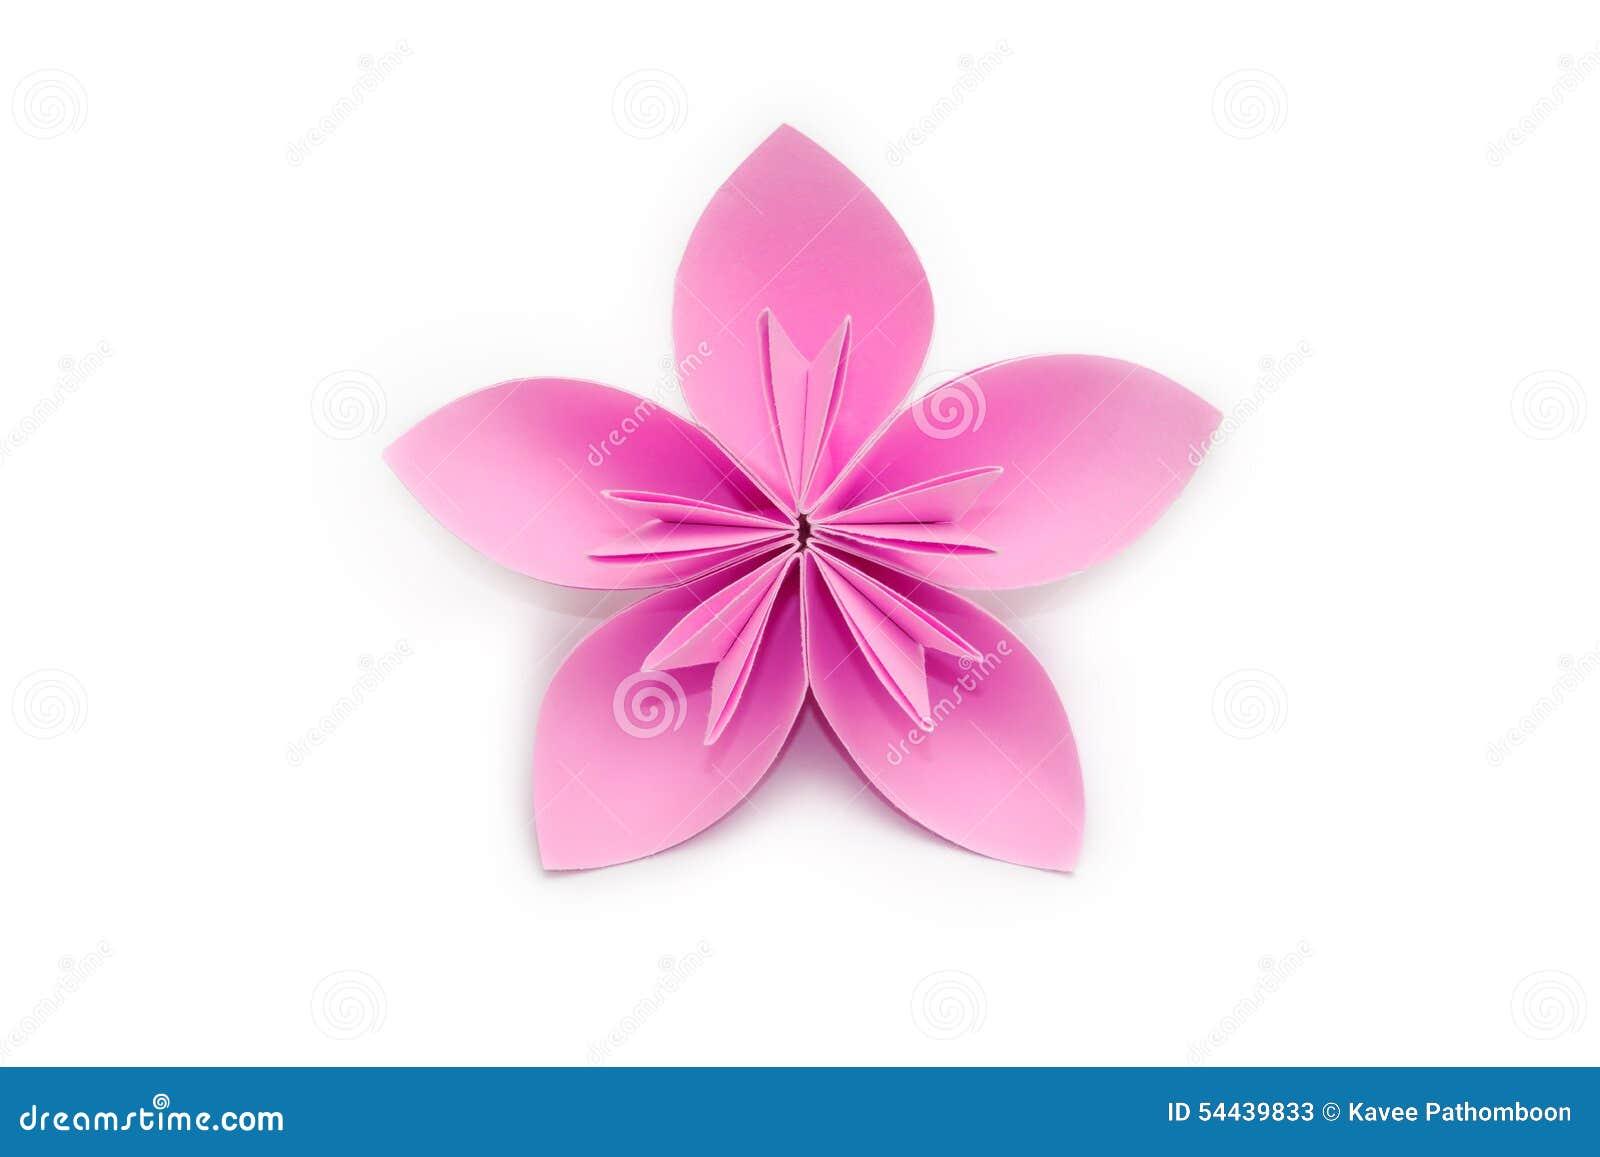 flor de papel rosada de la papiroflexia en el fondo blanco foto de archivo imagen 54439833. Black Bedroom Furniture Sets. Home Design Ideas